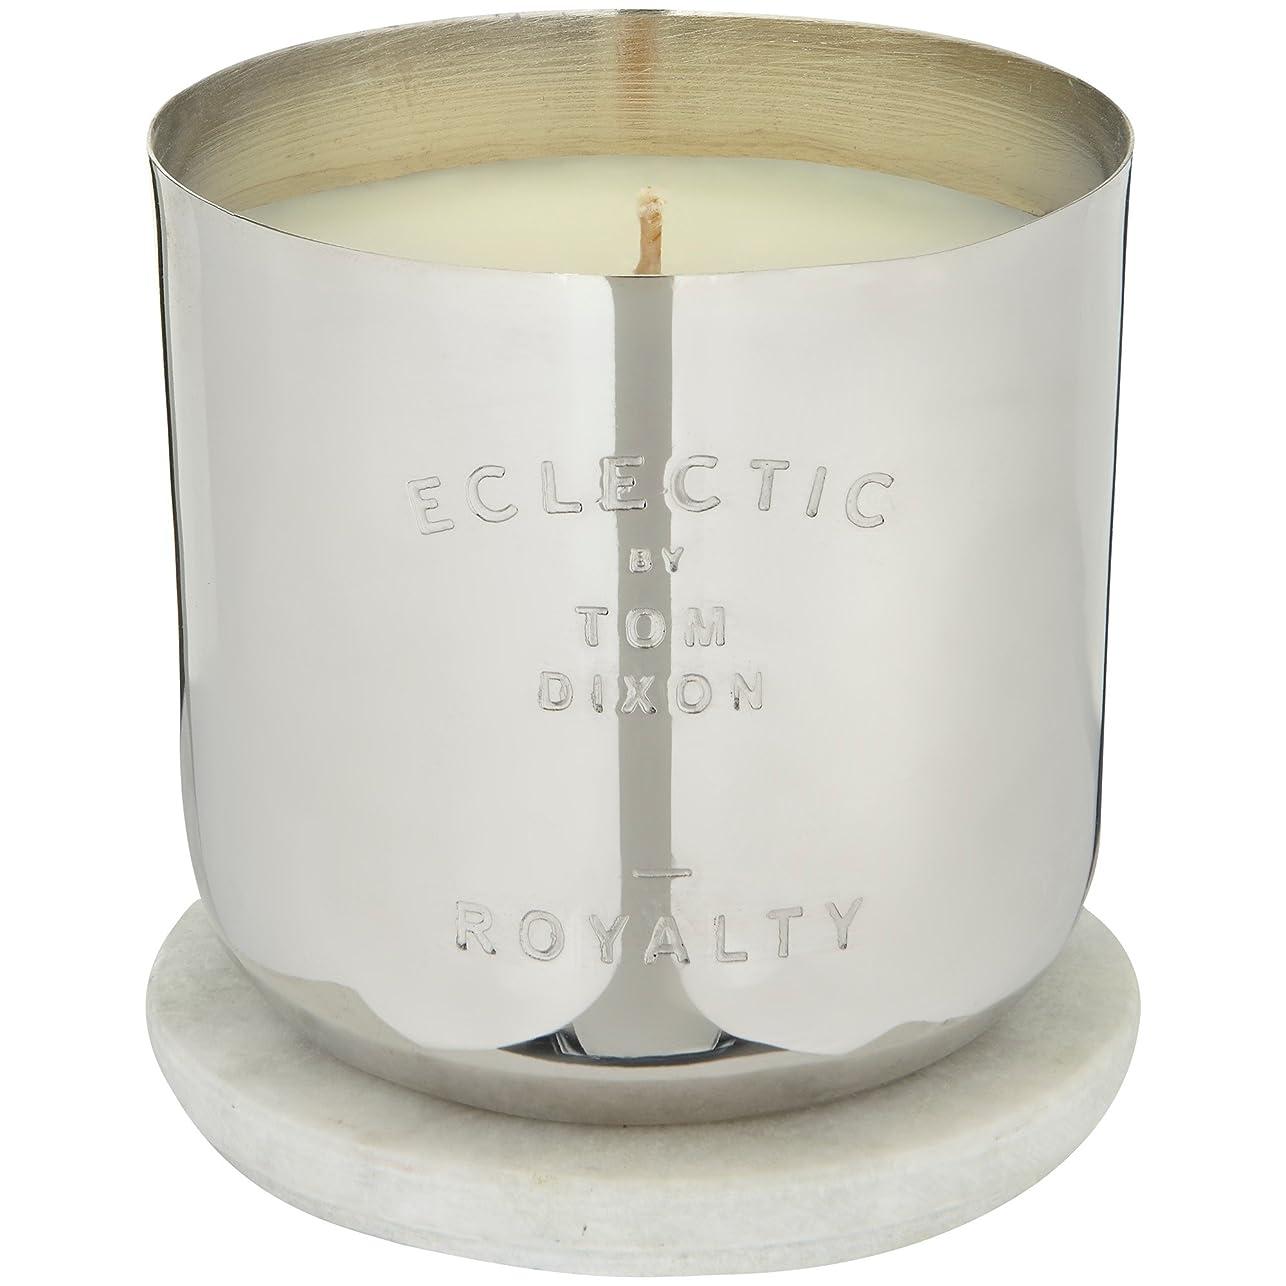 ガイドライン仮定包囲トム?ディクソンロイヤリティ香りのキャンドル x6 - Tom Dixon Royalty Scented Candle (Pack of 6) [並行輸入品]